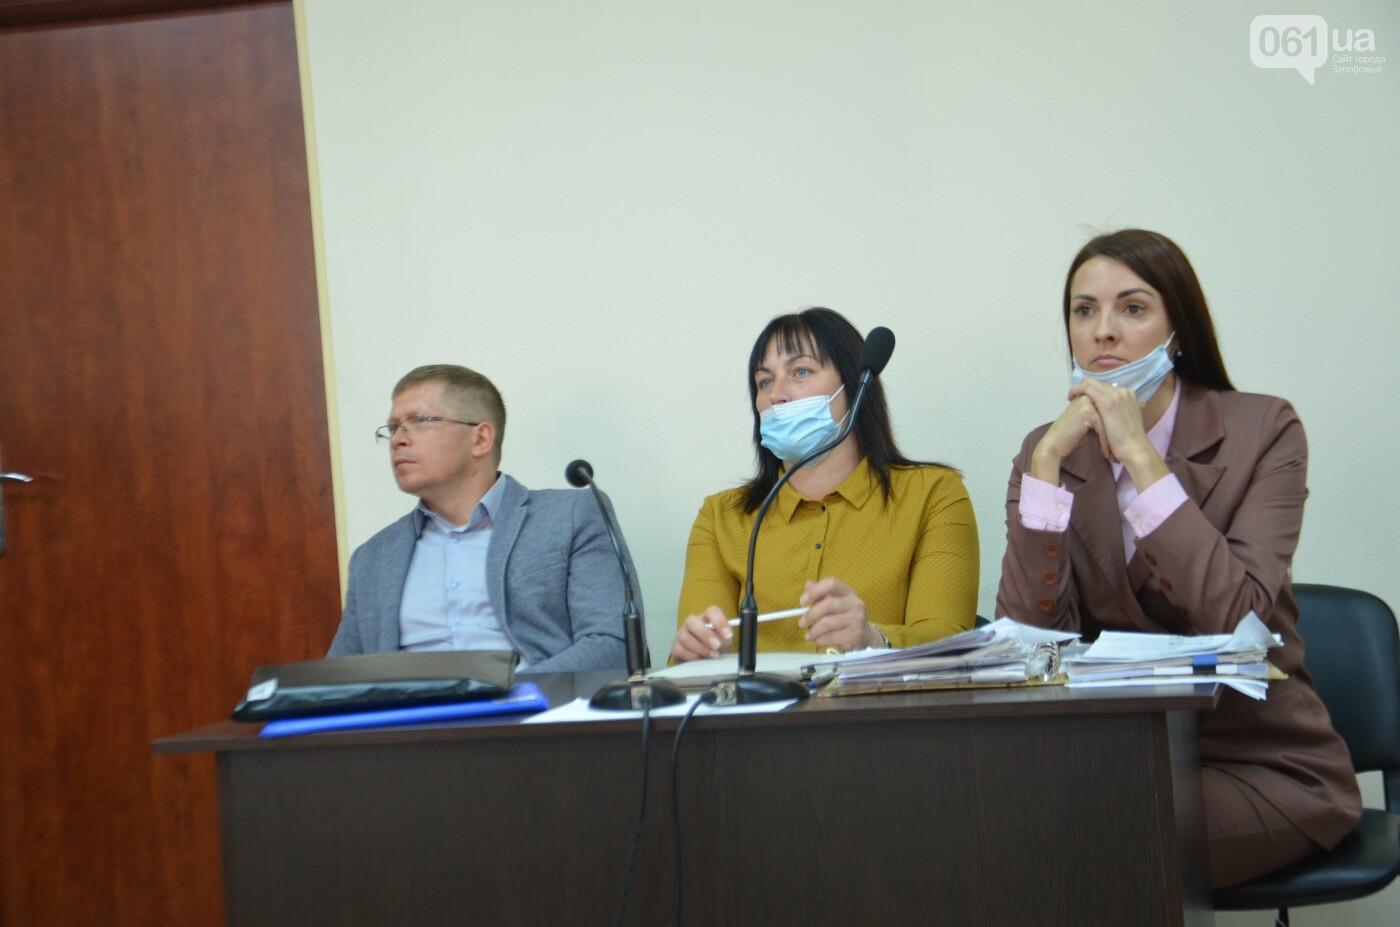 В Запорожье обманутые покупатели квартир выиграли суд у мэрии по делу о «недостроях Сабашука», фото-22